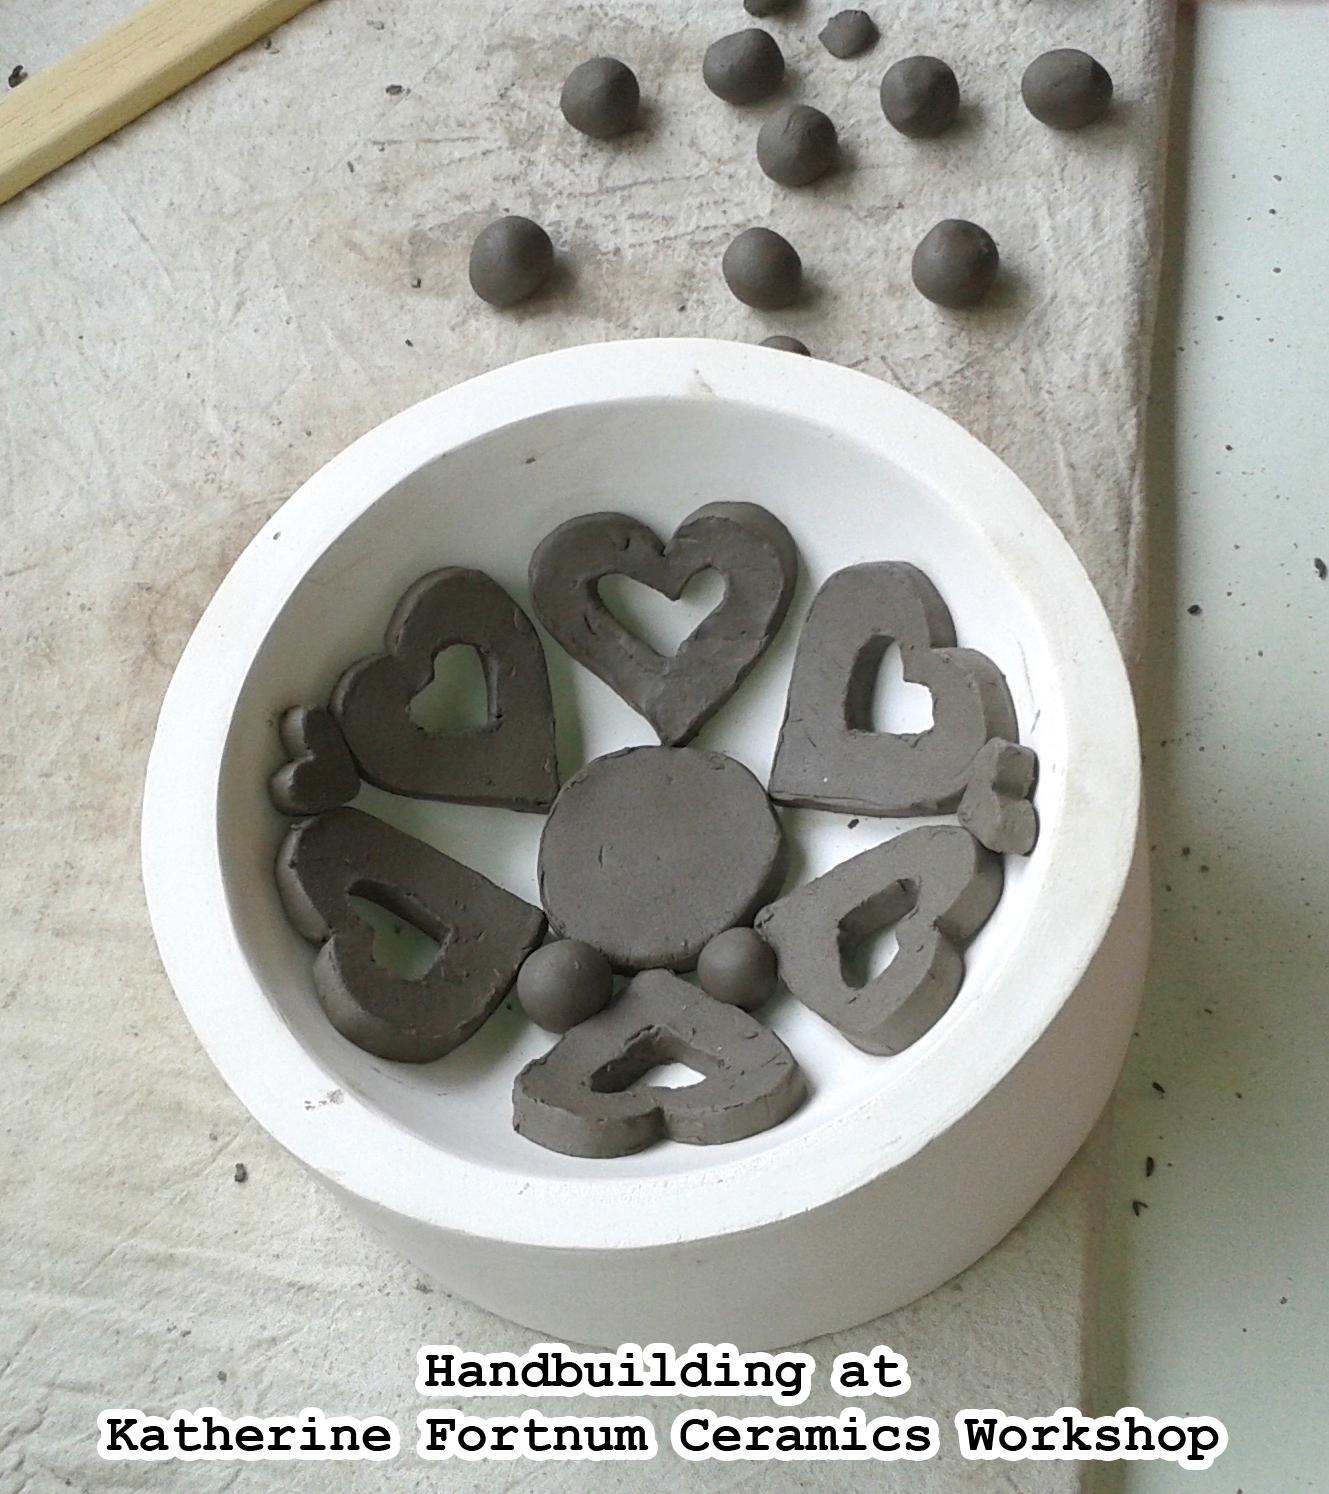 handbuilding at Katherine fortnum ceramics